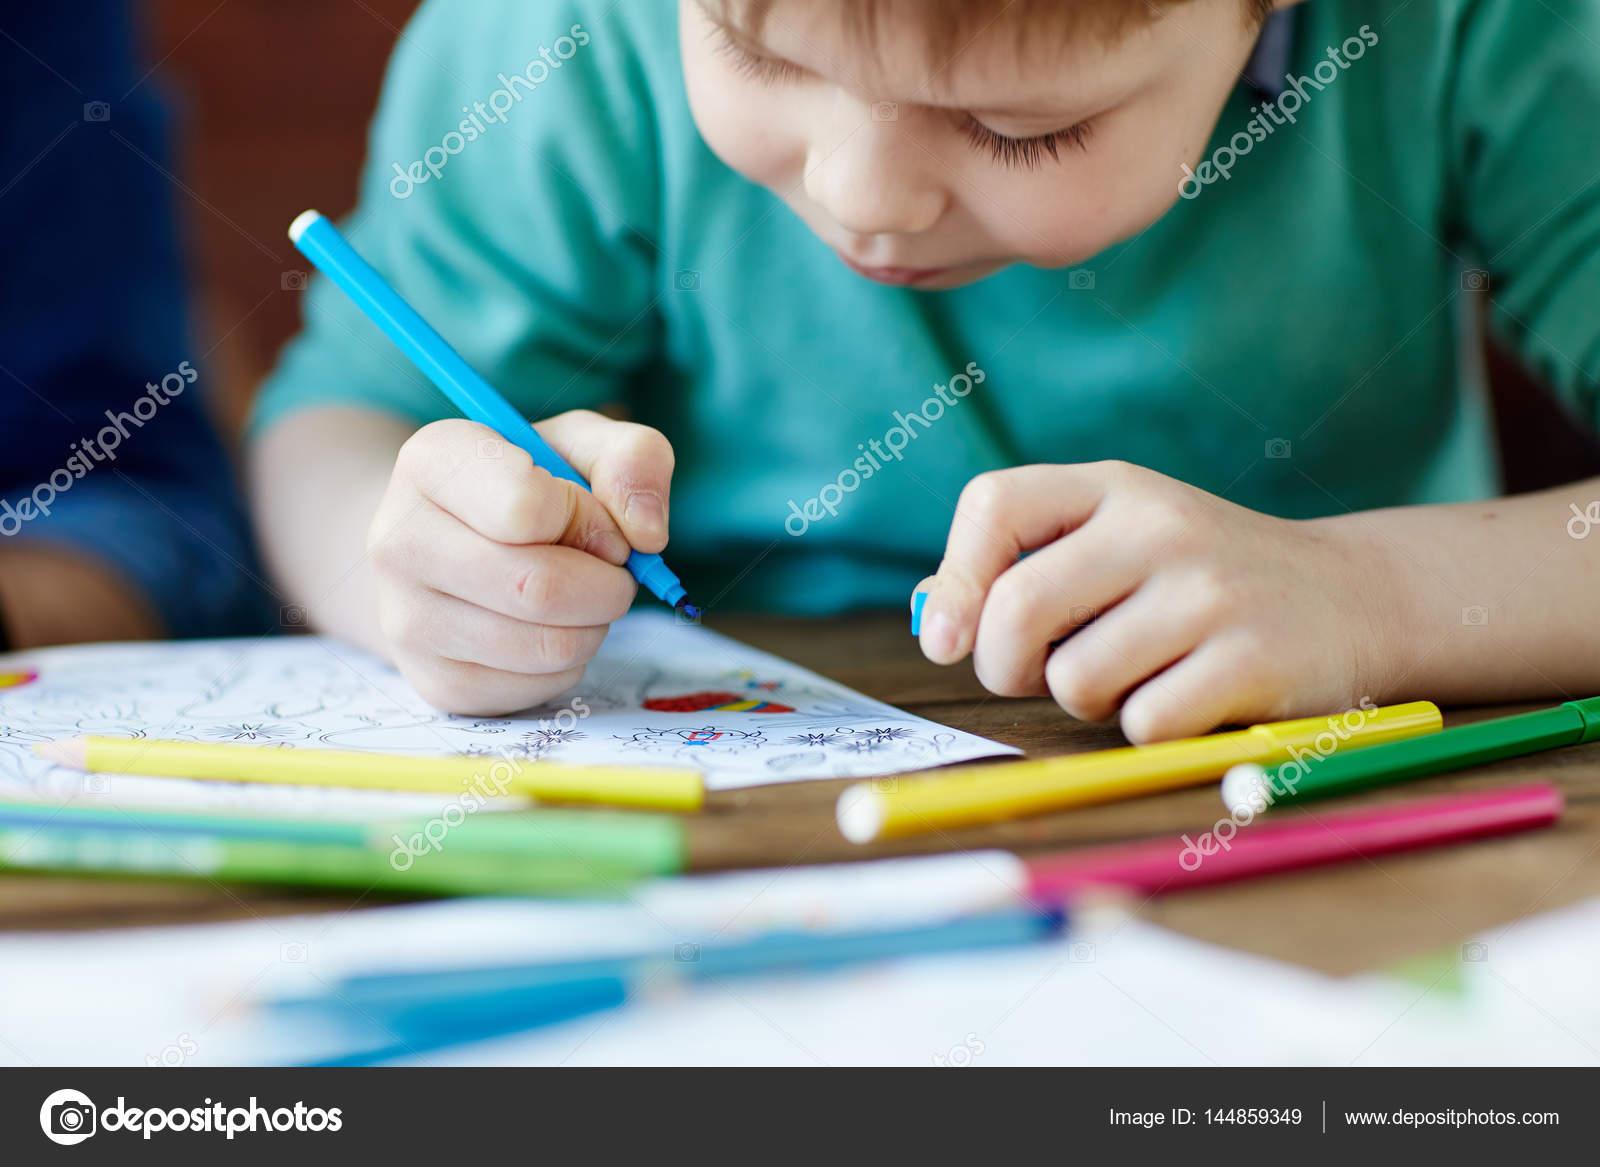 Dibujos Para Colorear De Jovenes Estudiando Dibujito De Niño Y